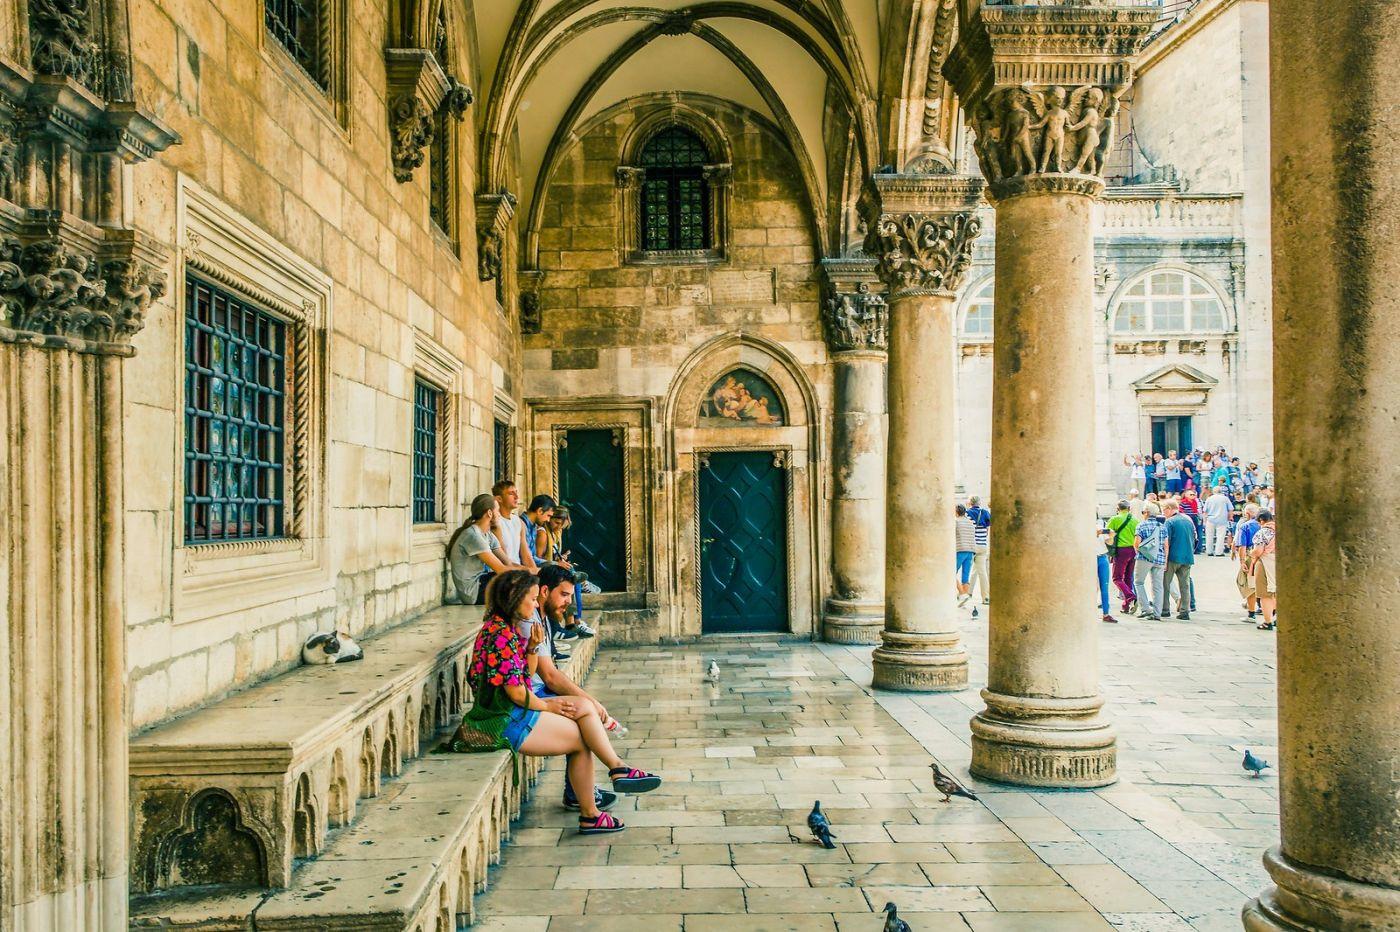 克罗地亚杜布罗夫尼克(Dubrovnik),古城小巷_图1-3